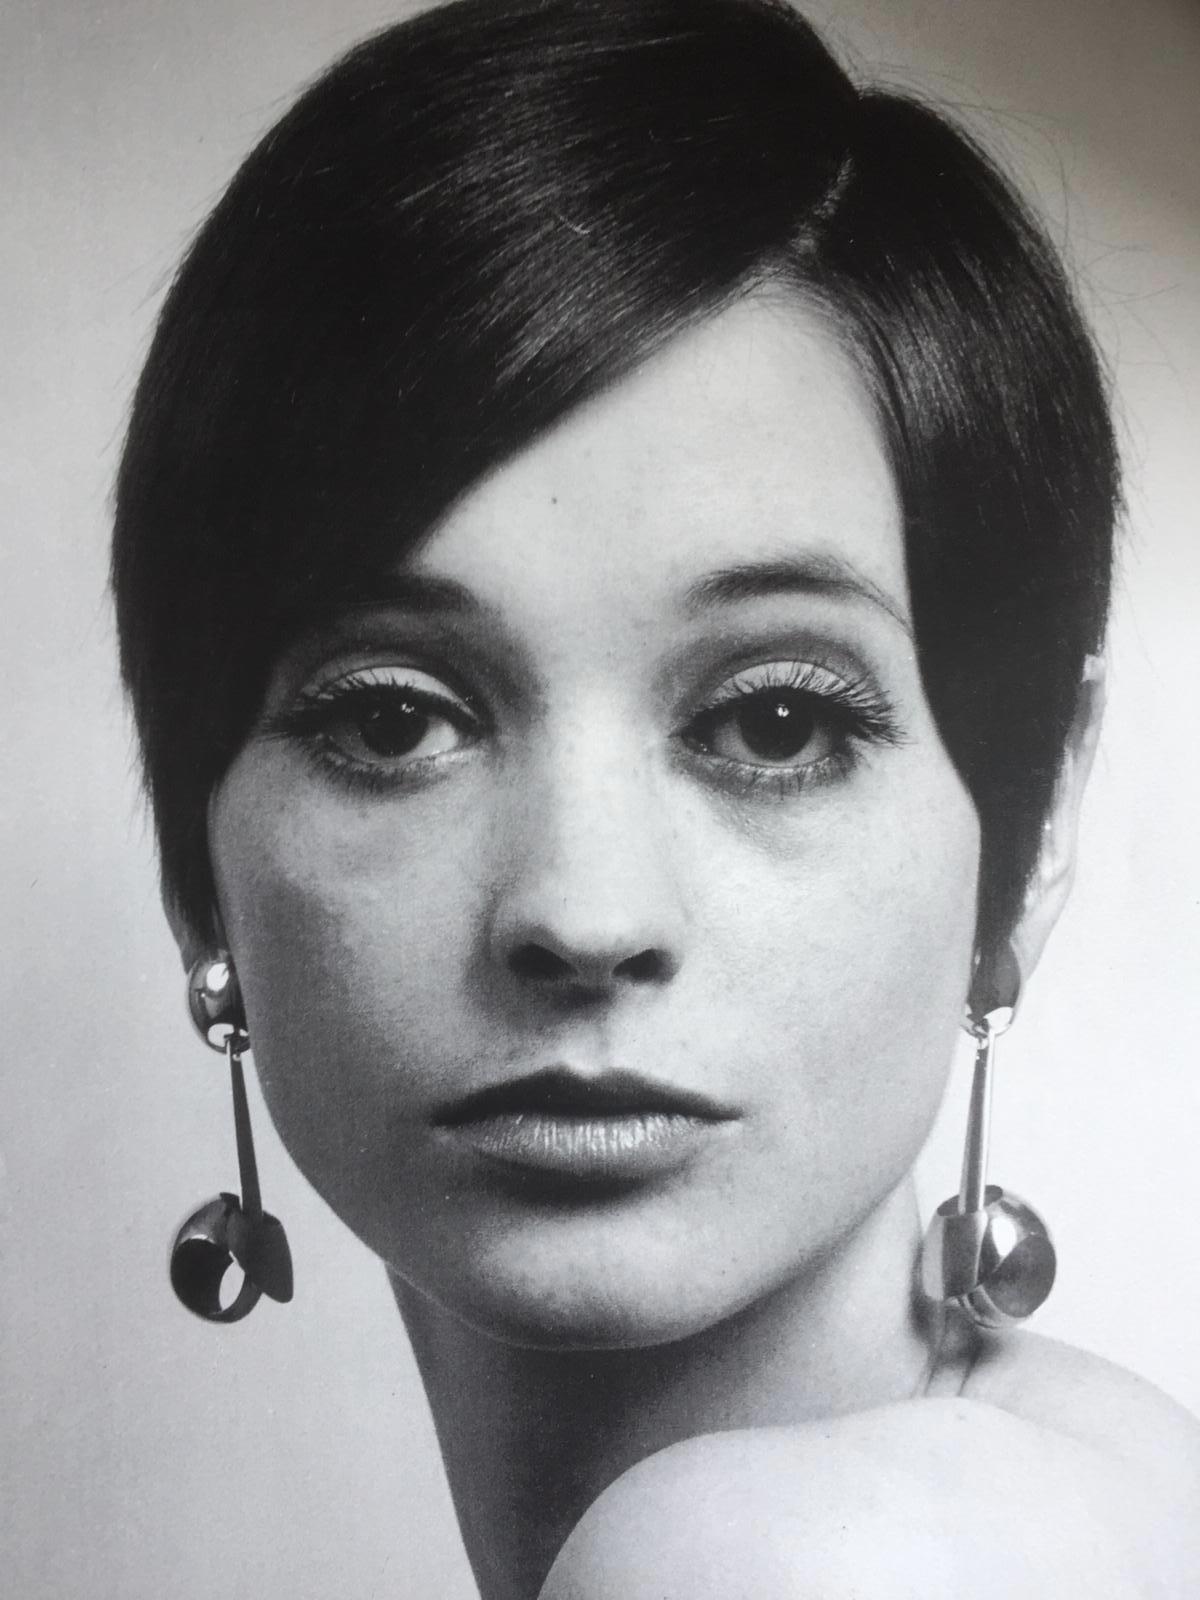 Bernard Laméris, Andrea, oorsieraden, 1964. Foto Rinus van Schie, goud